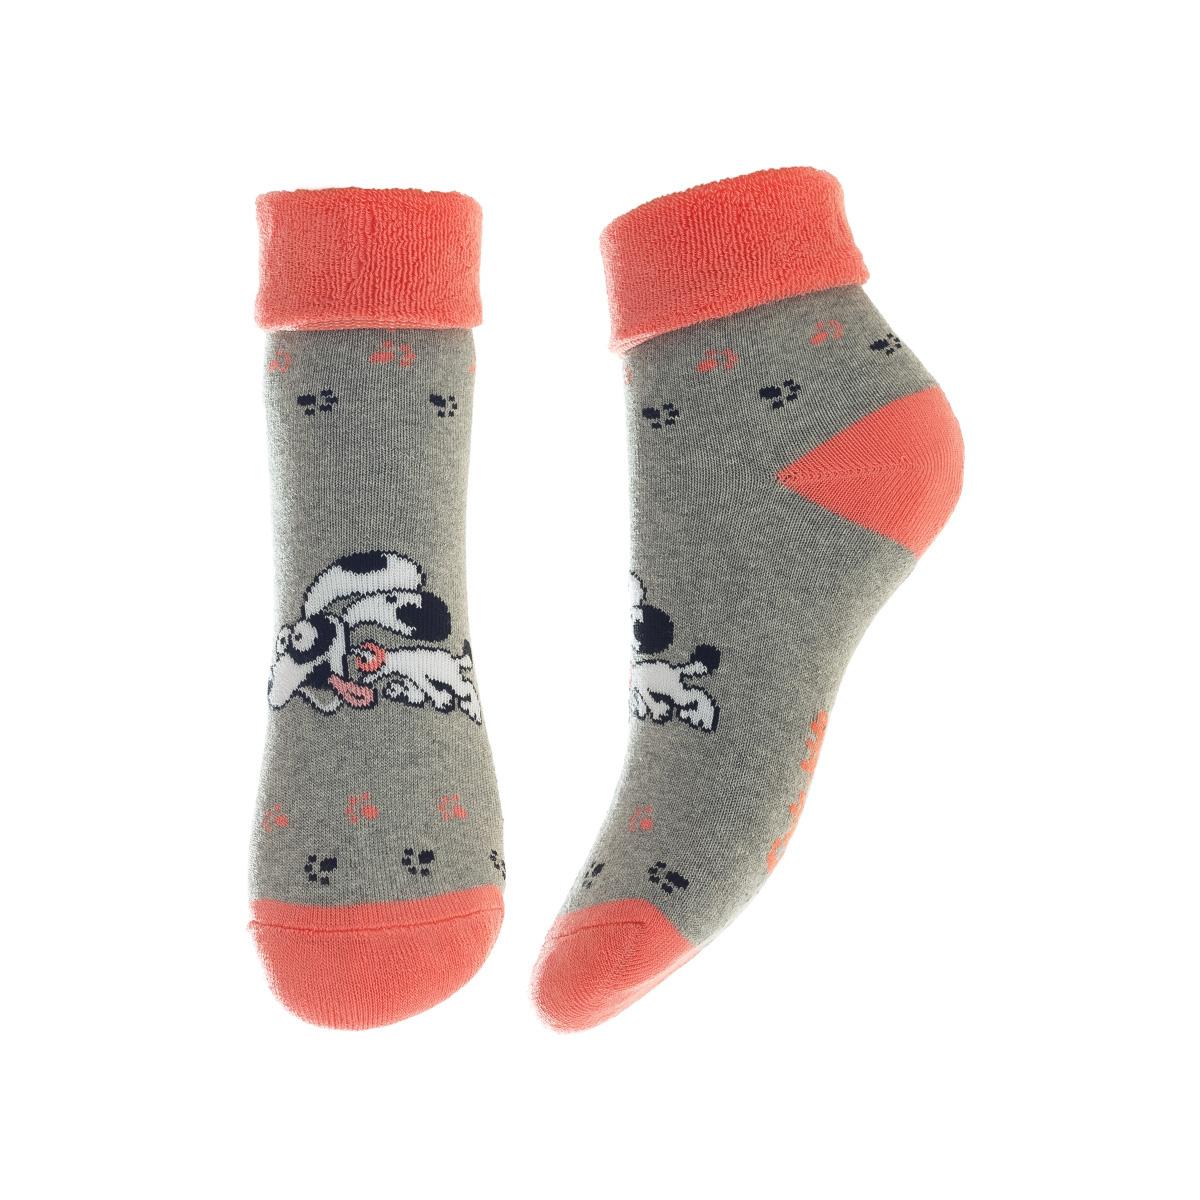 SOFTIKI22320-236Удобные носочки для девочки Conte-Kids Sof-tiki, изготовленные из высококачественного комбинированного материала, очень мягкие и приятные на ощупь, позволяют коже дышать. Модель оформлена махровым отворотом на паголенке и эластичной резинкой, которая плотно облегает ногу, обеспечивая комфорт и удобство.